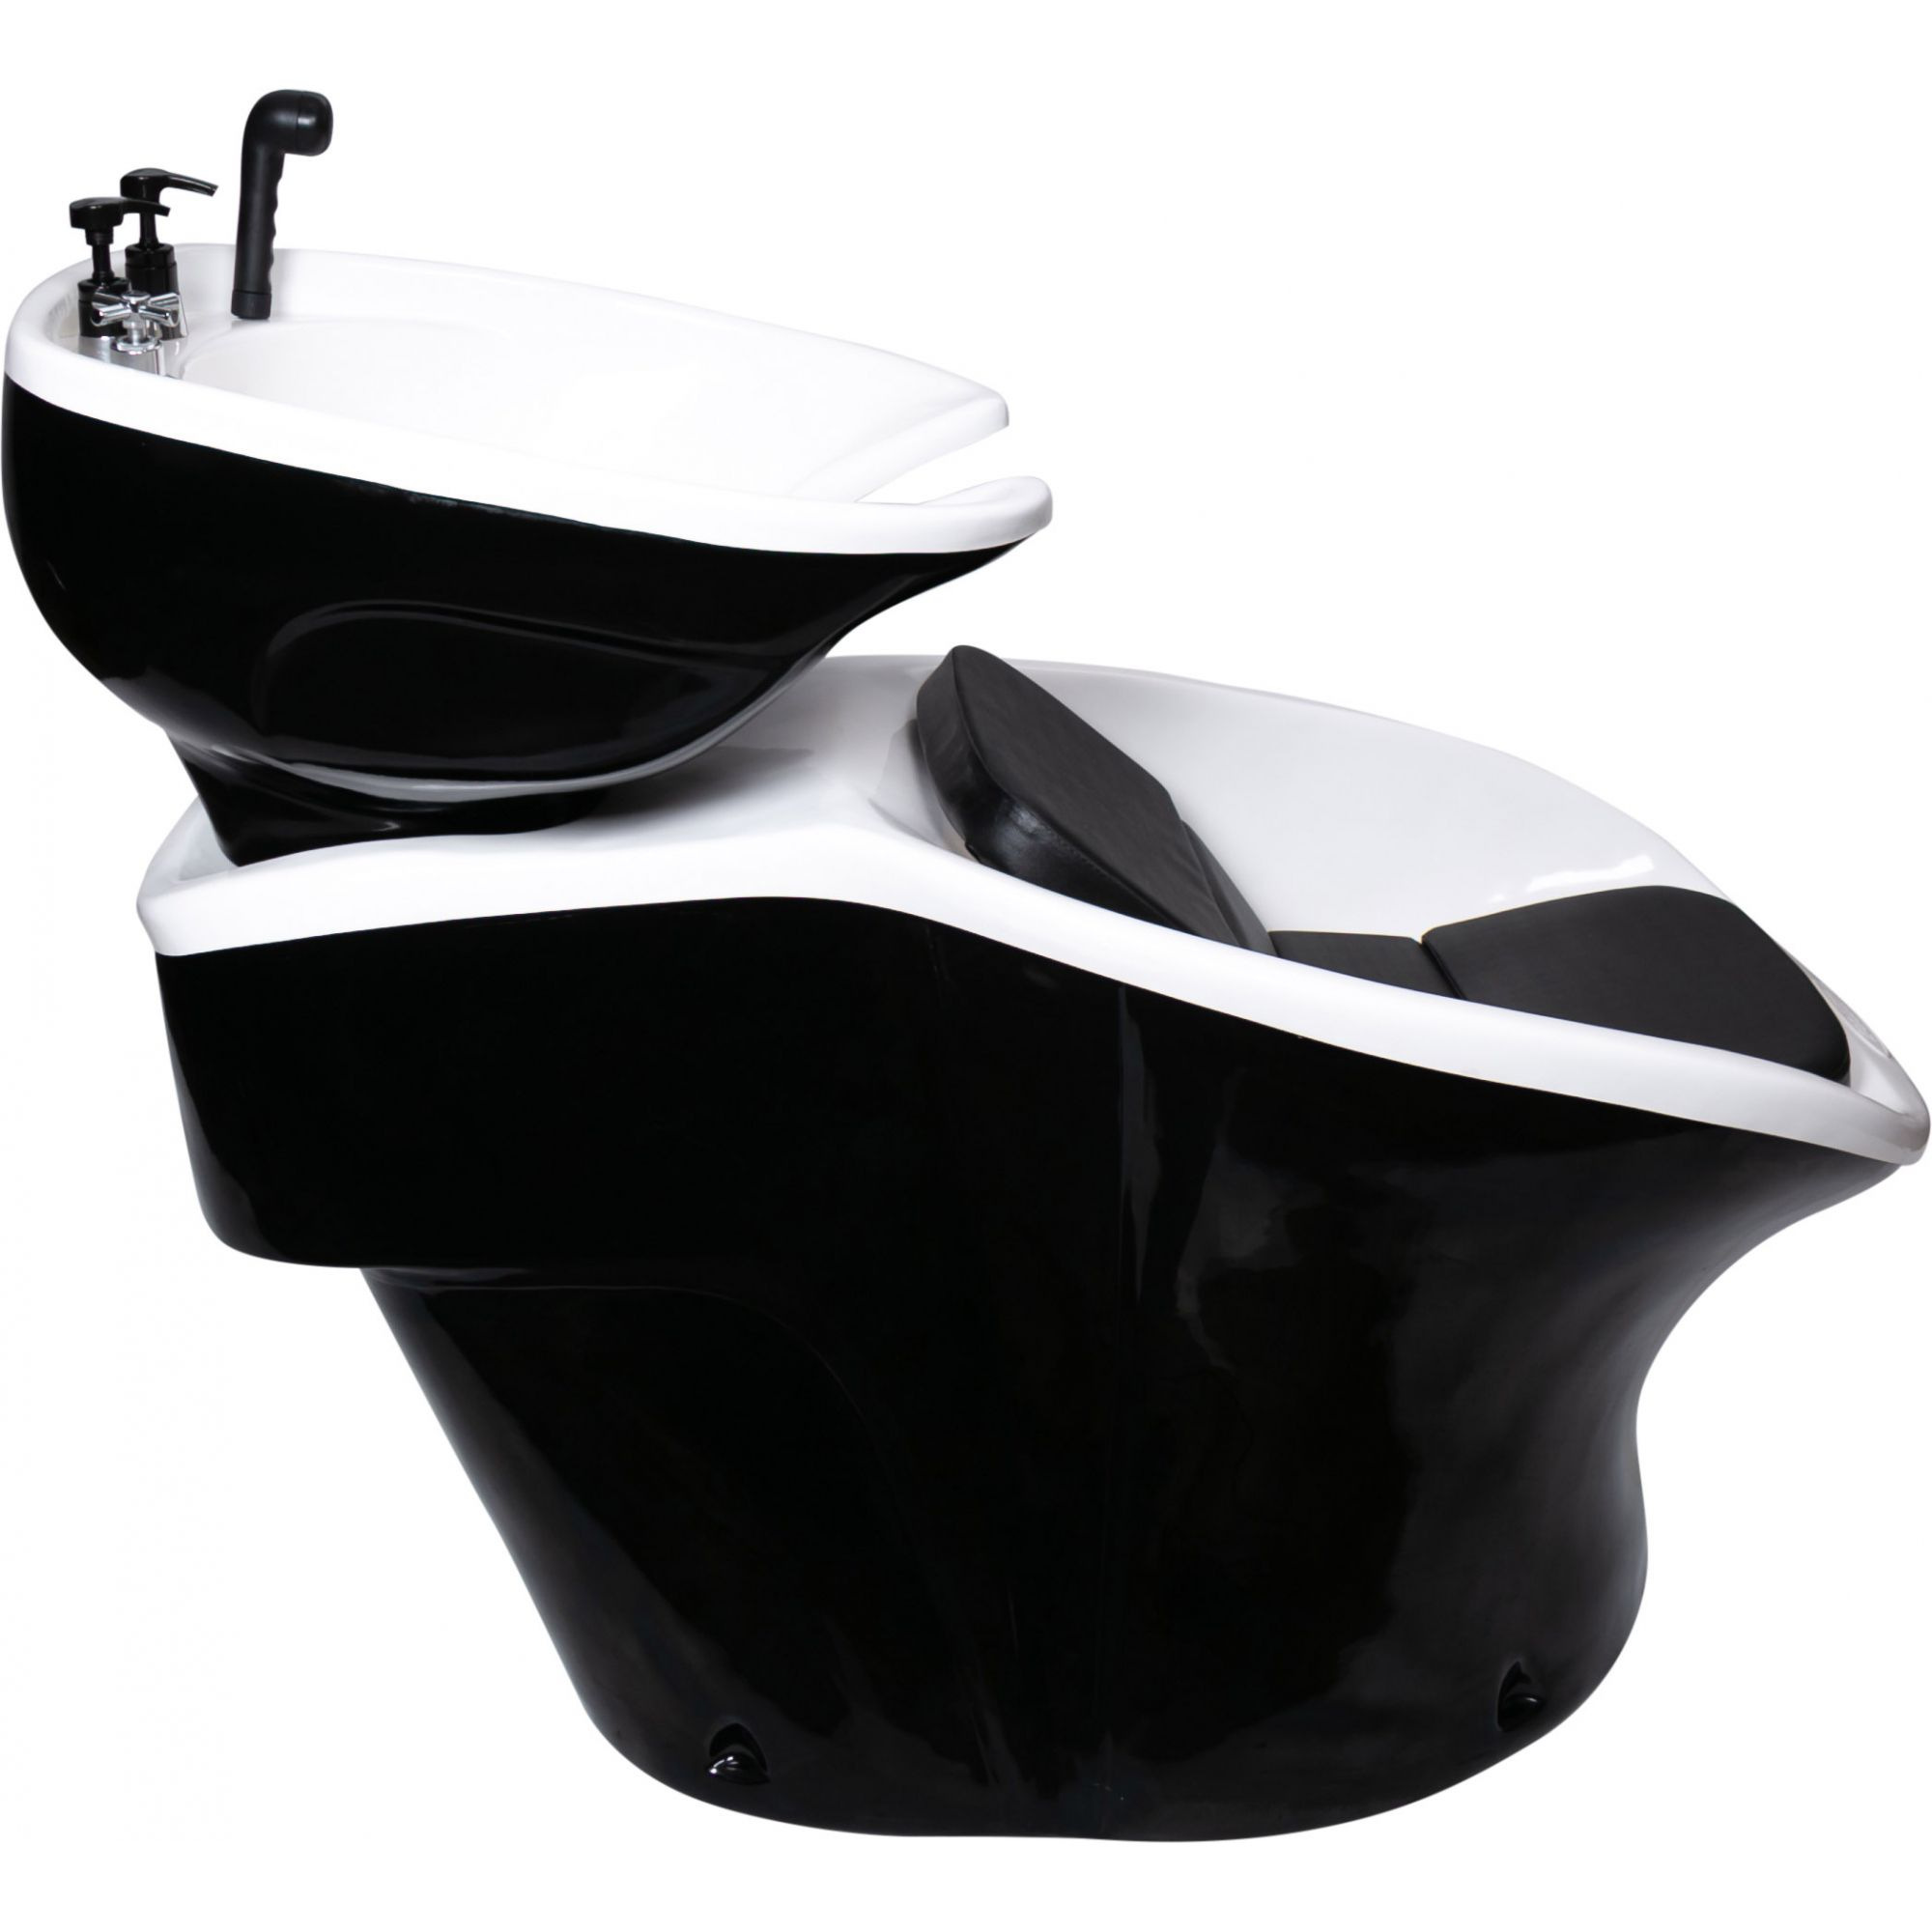 Lavatório Neon Shampoo Retro - Preto e Branco